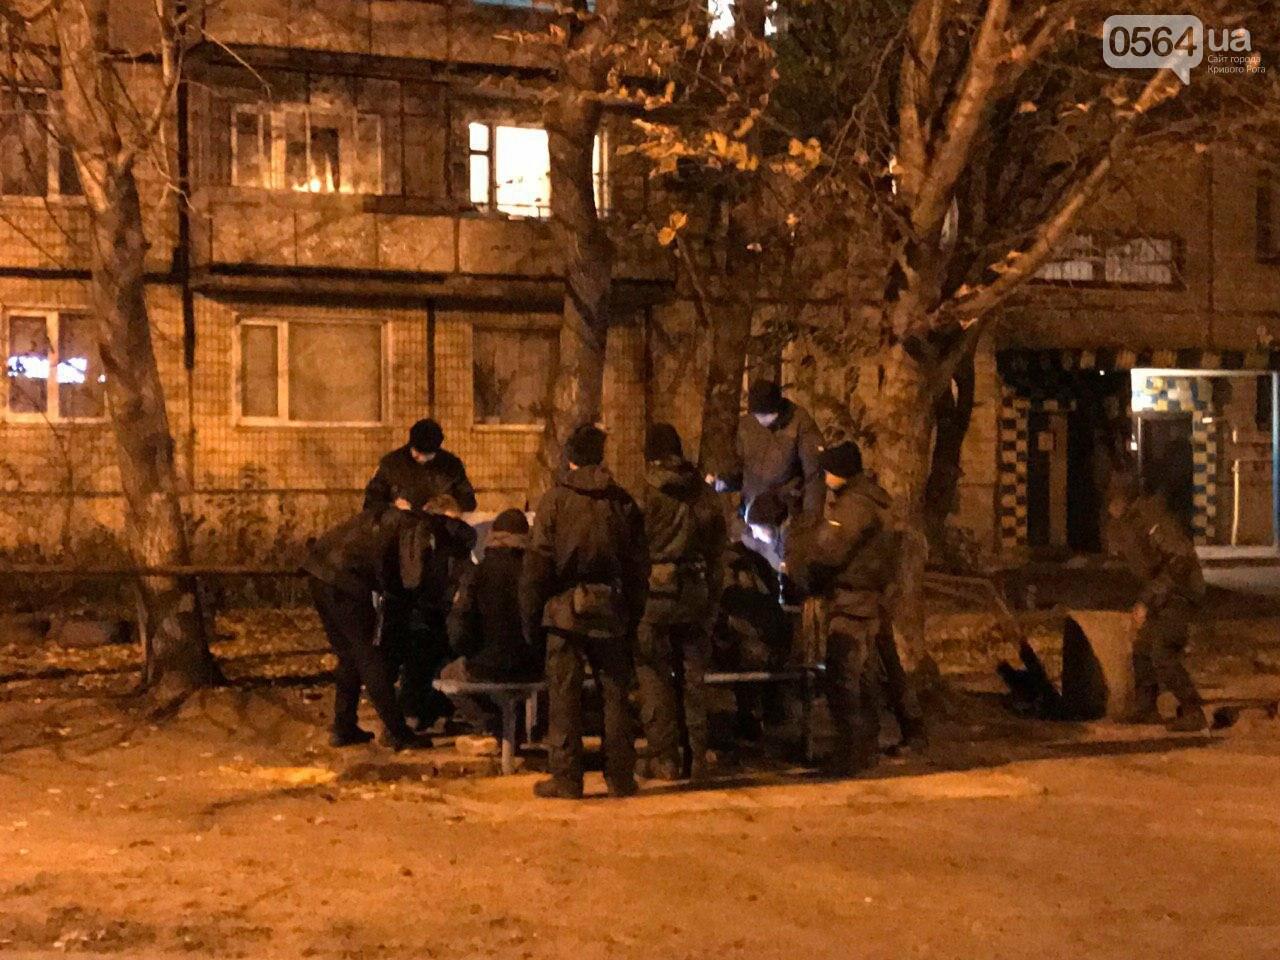 """""""Чувак нашел закладку и мы его задержали"""": криворожане стали очевидцами задержания наркозависимого, - ФОТО , фото-2"""